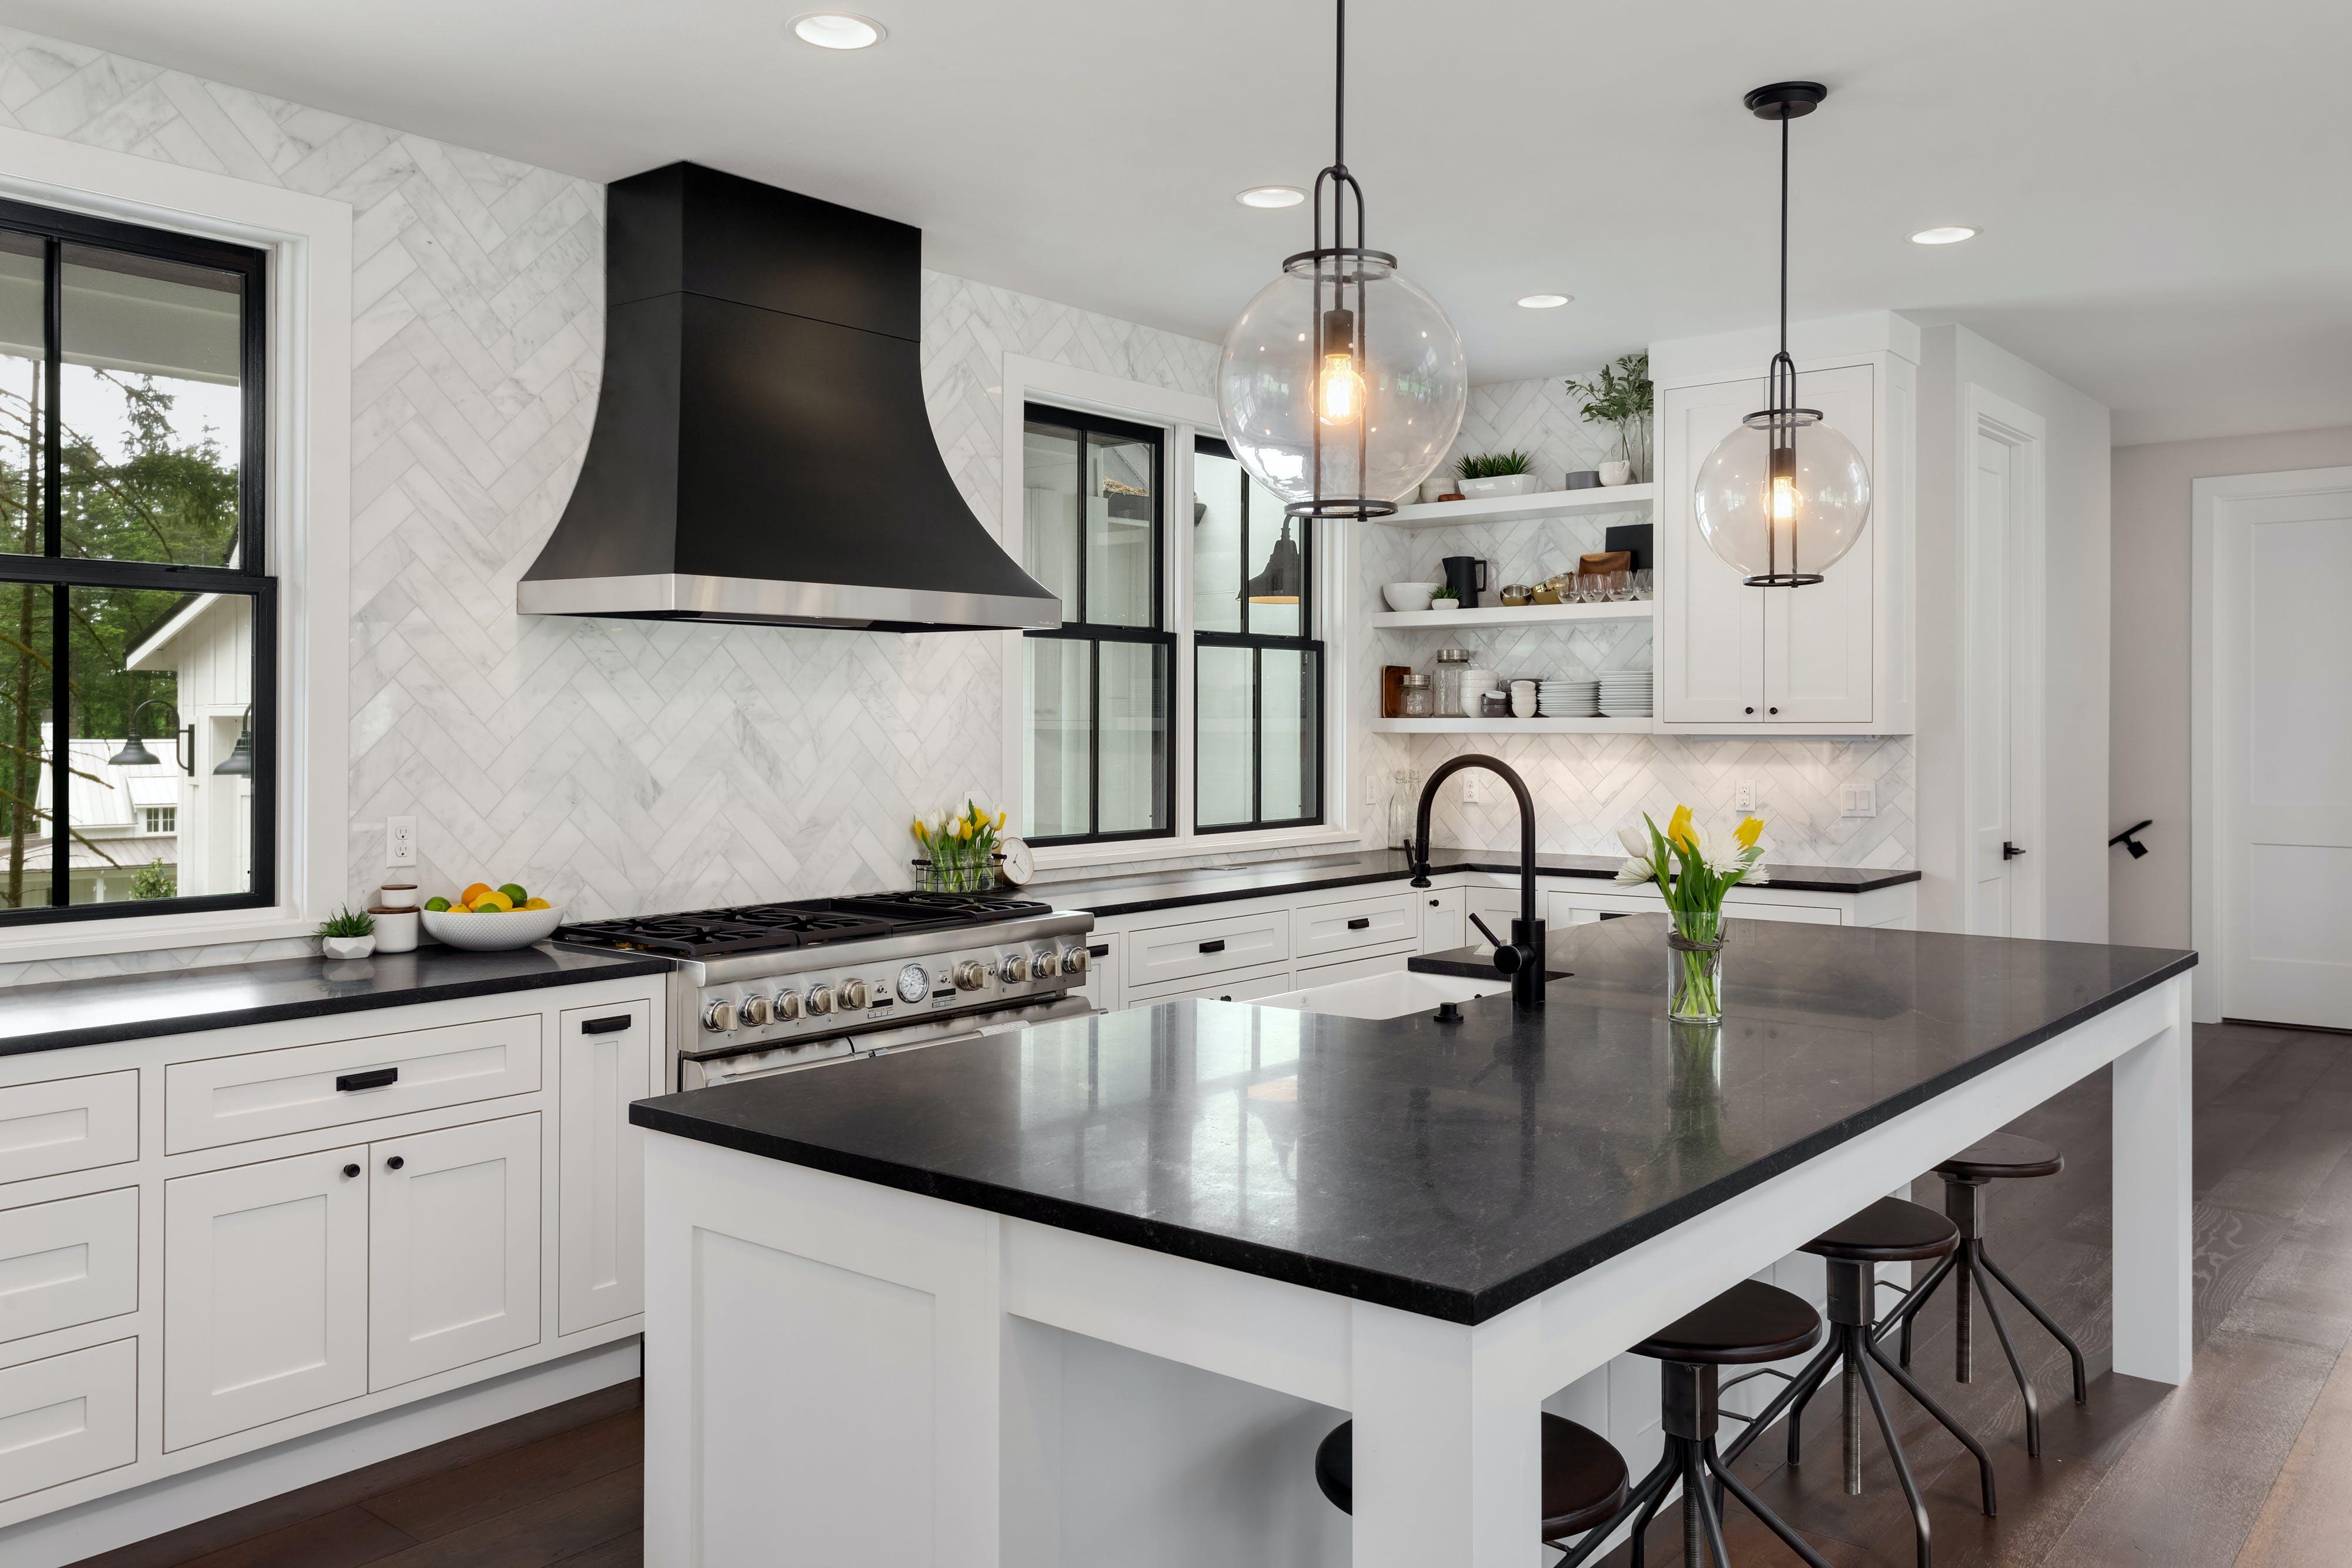 newly remodeled kitchen herringbone tiles